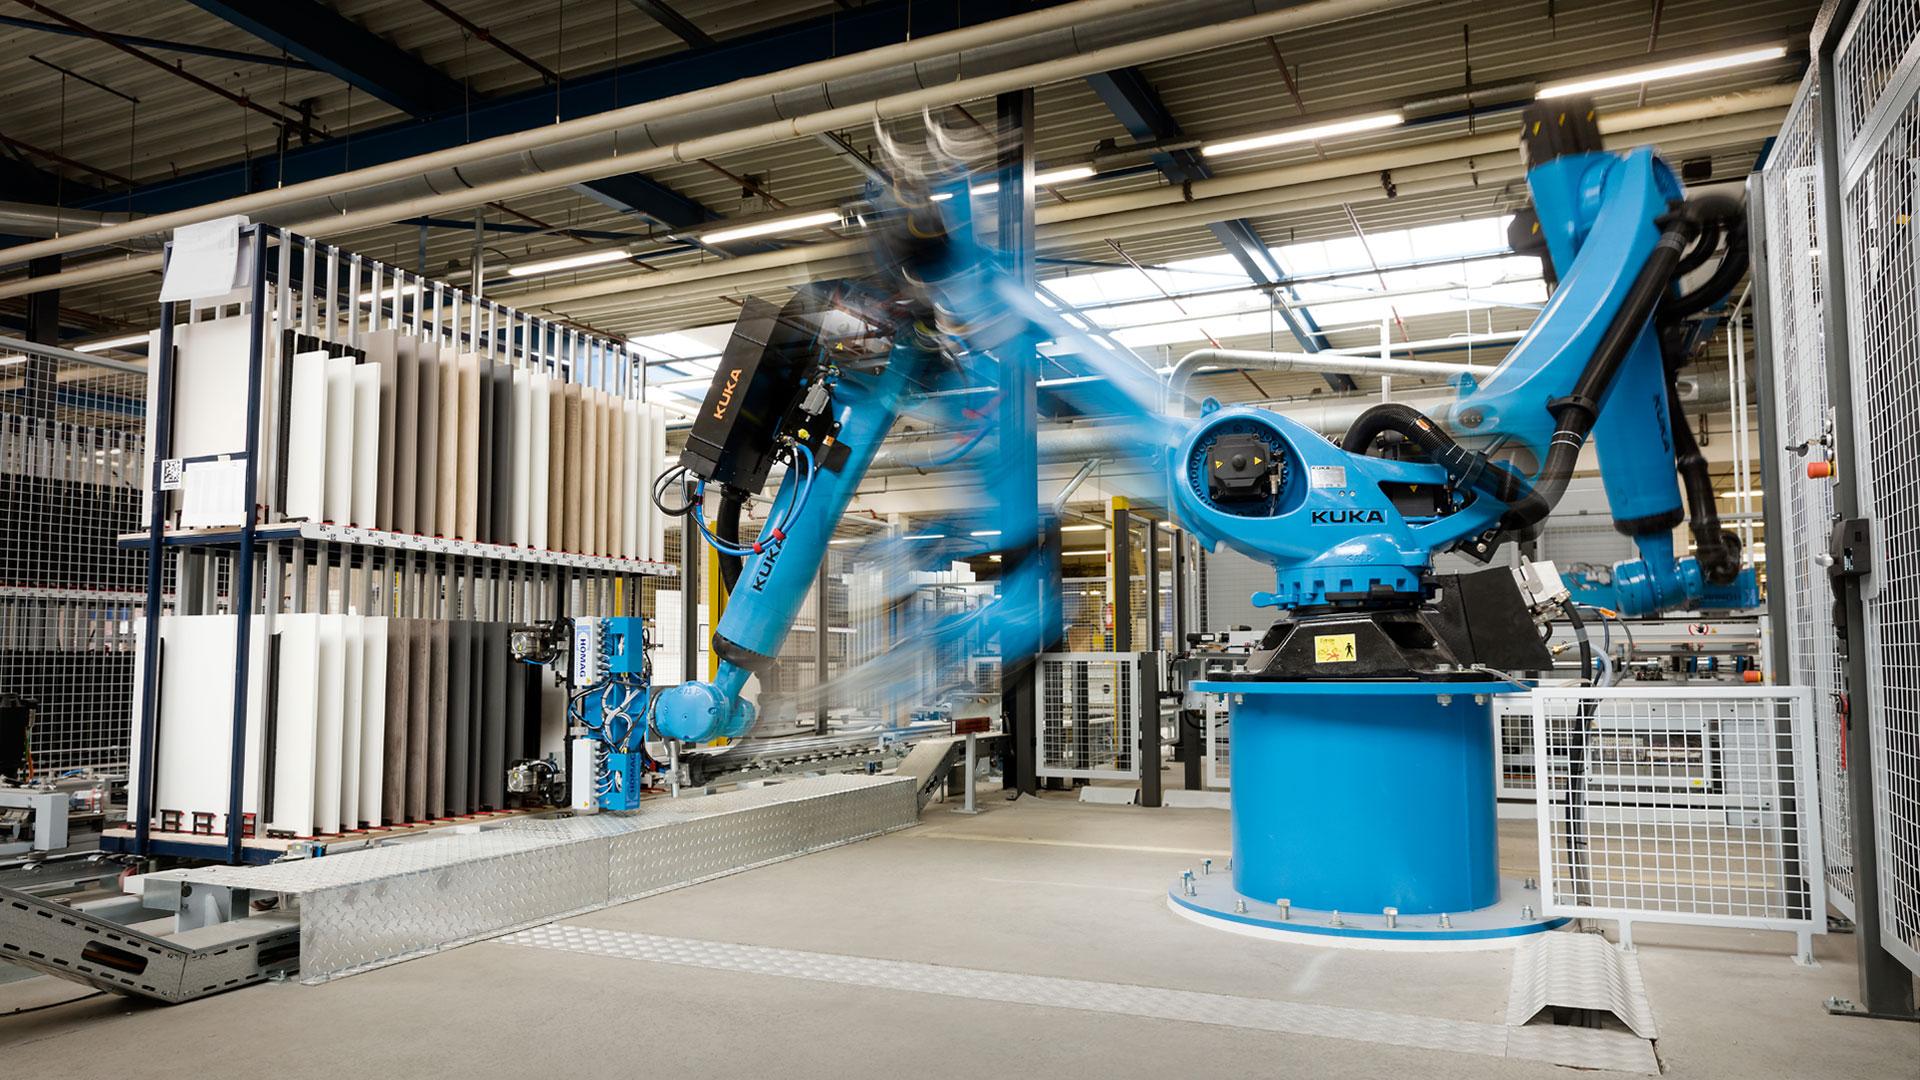 Bribus innoveert: nieuwe frontenboor robot